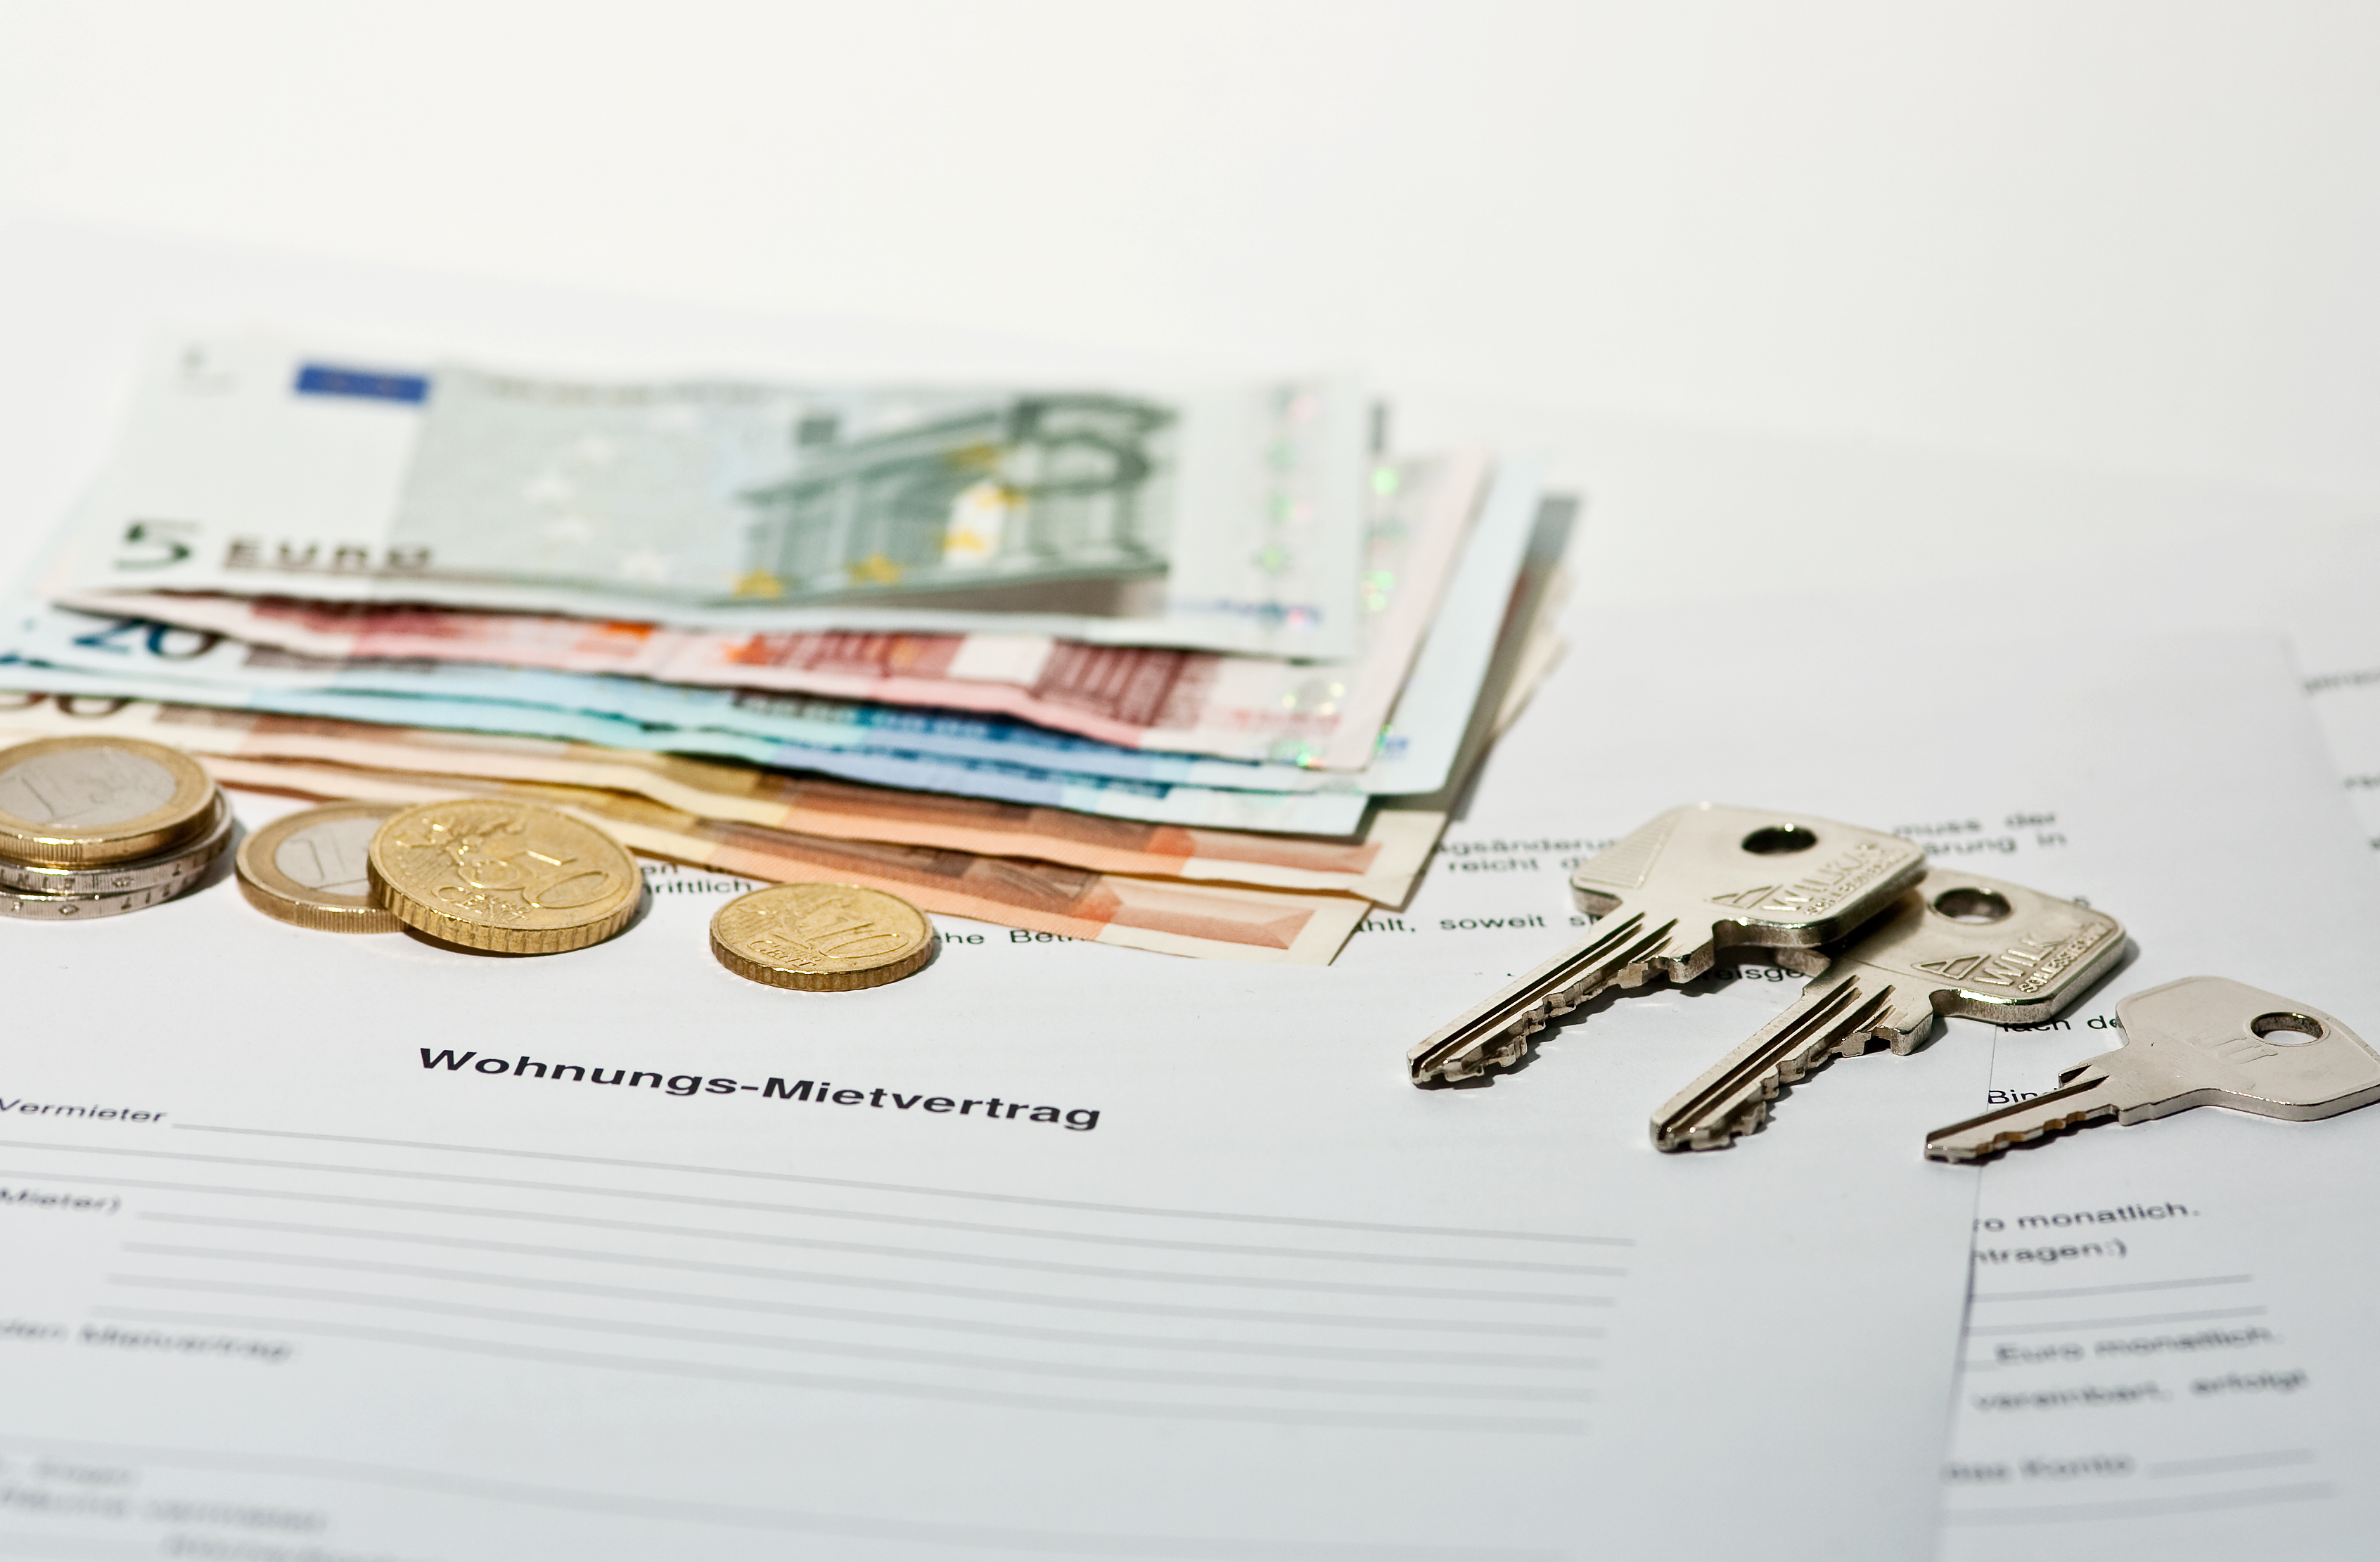 Come Acquistare Una Casa Senza Soldi Quattro Soluzioni Utili